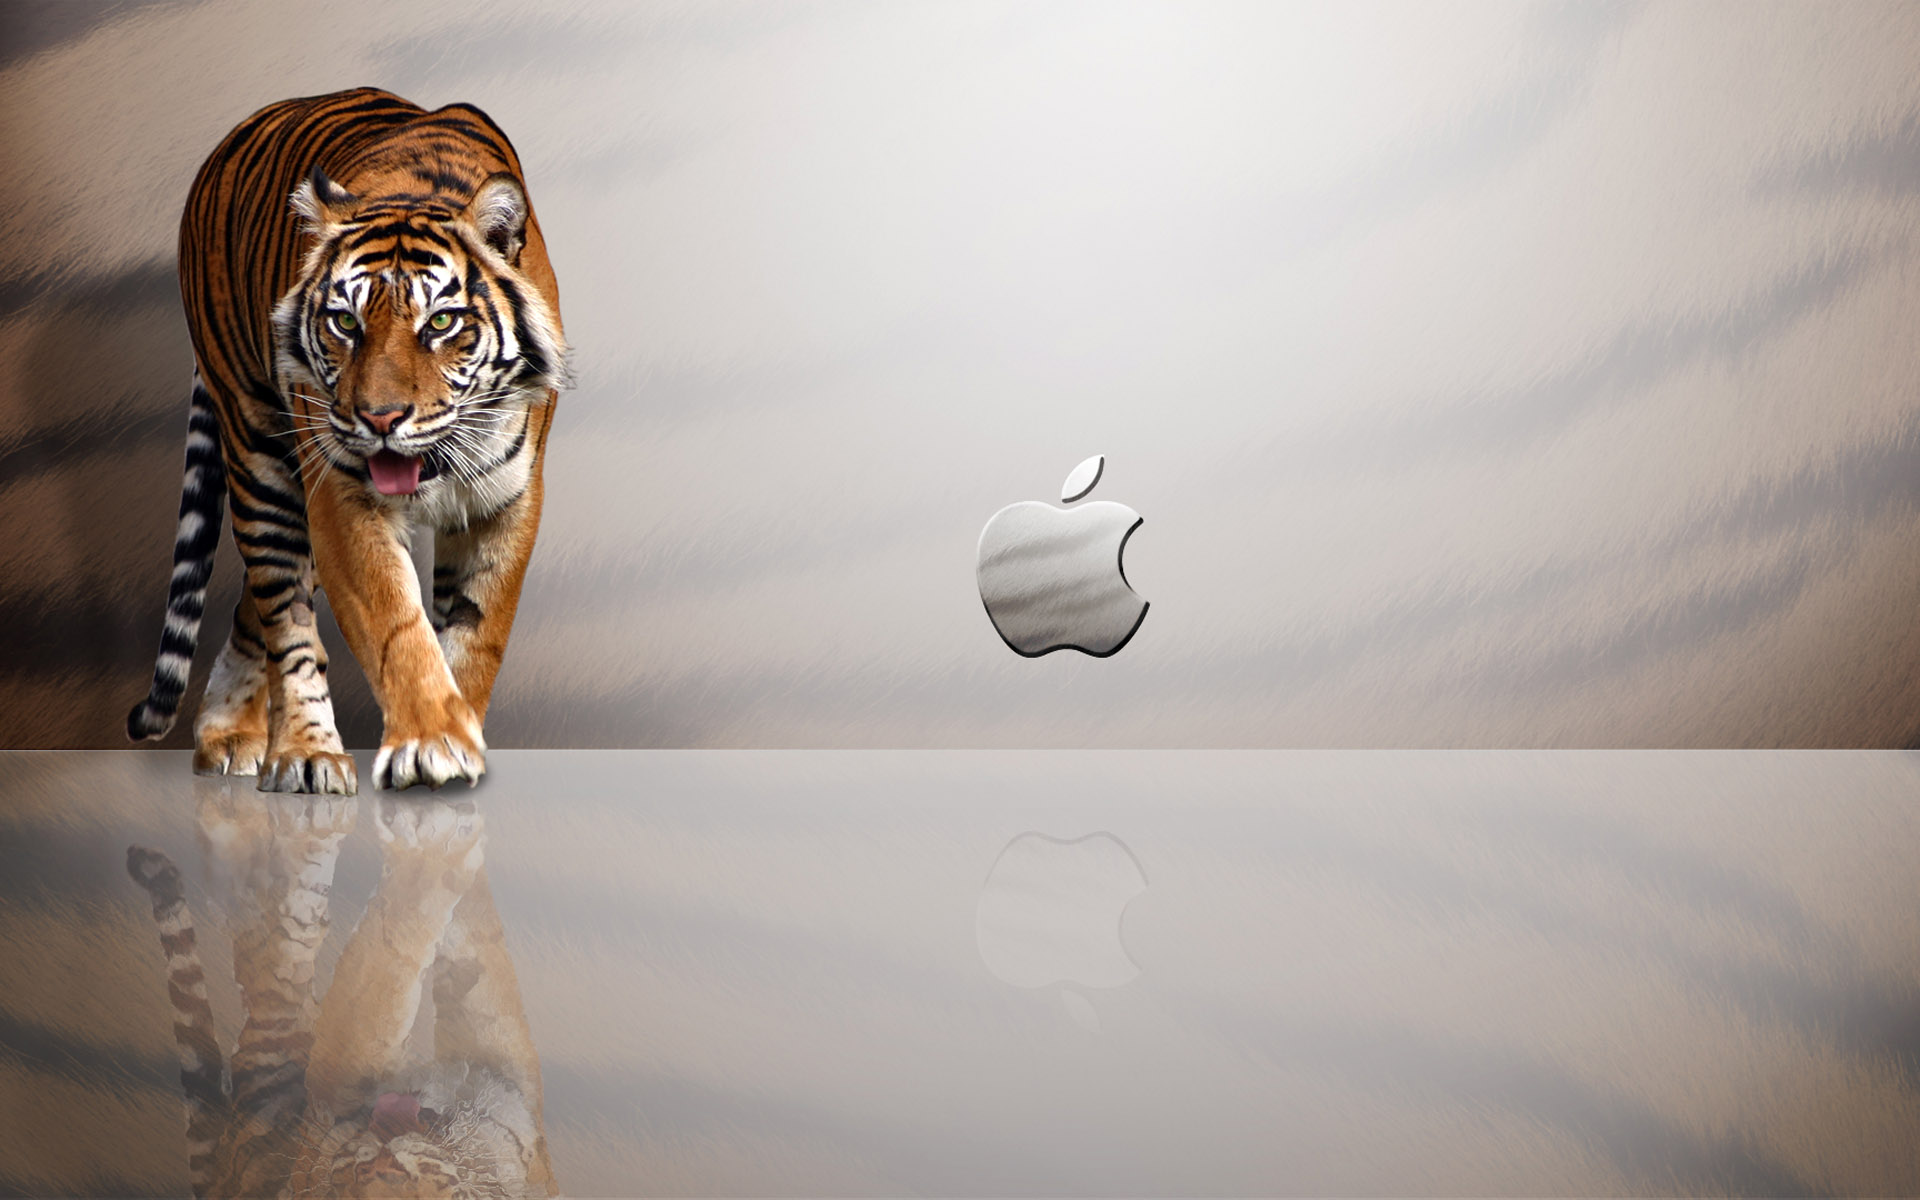 Apple MAC Tiger 1920x1200